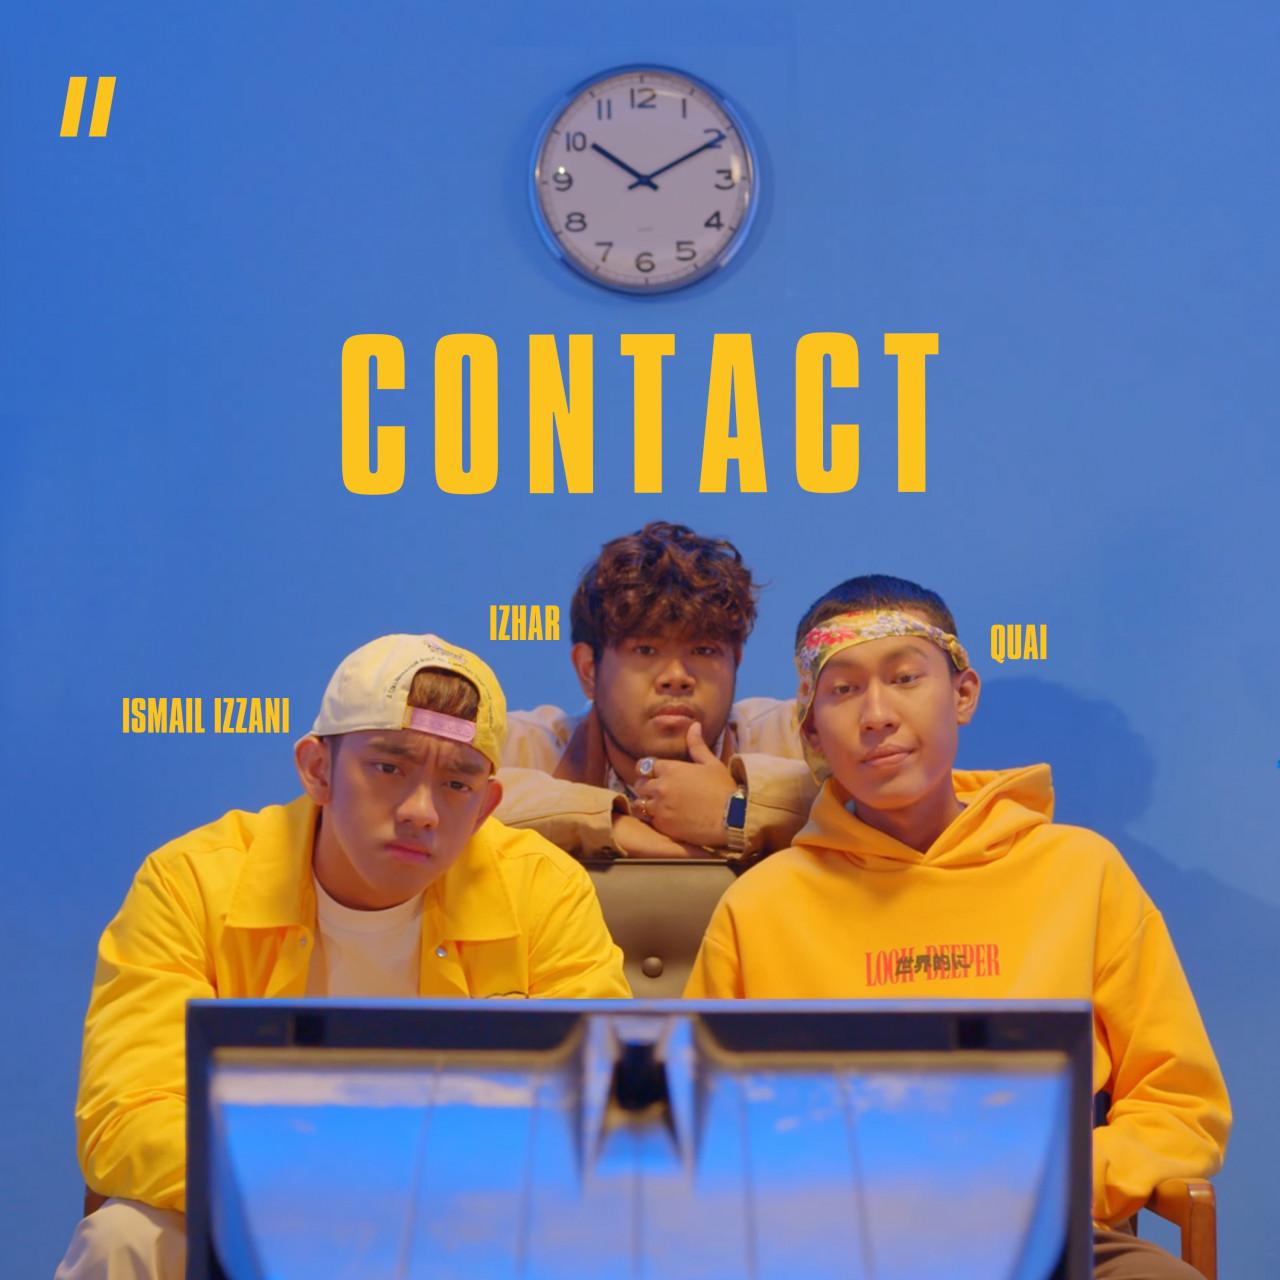 Lirik Lagu Ismail Izzani feat. Izhar & Quai - Contact